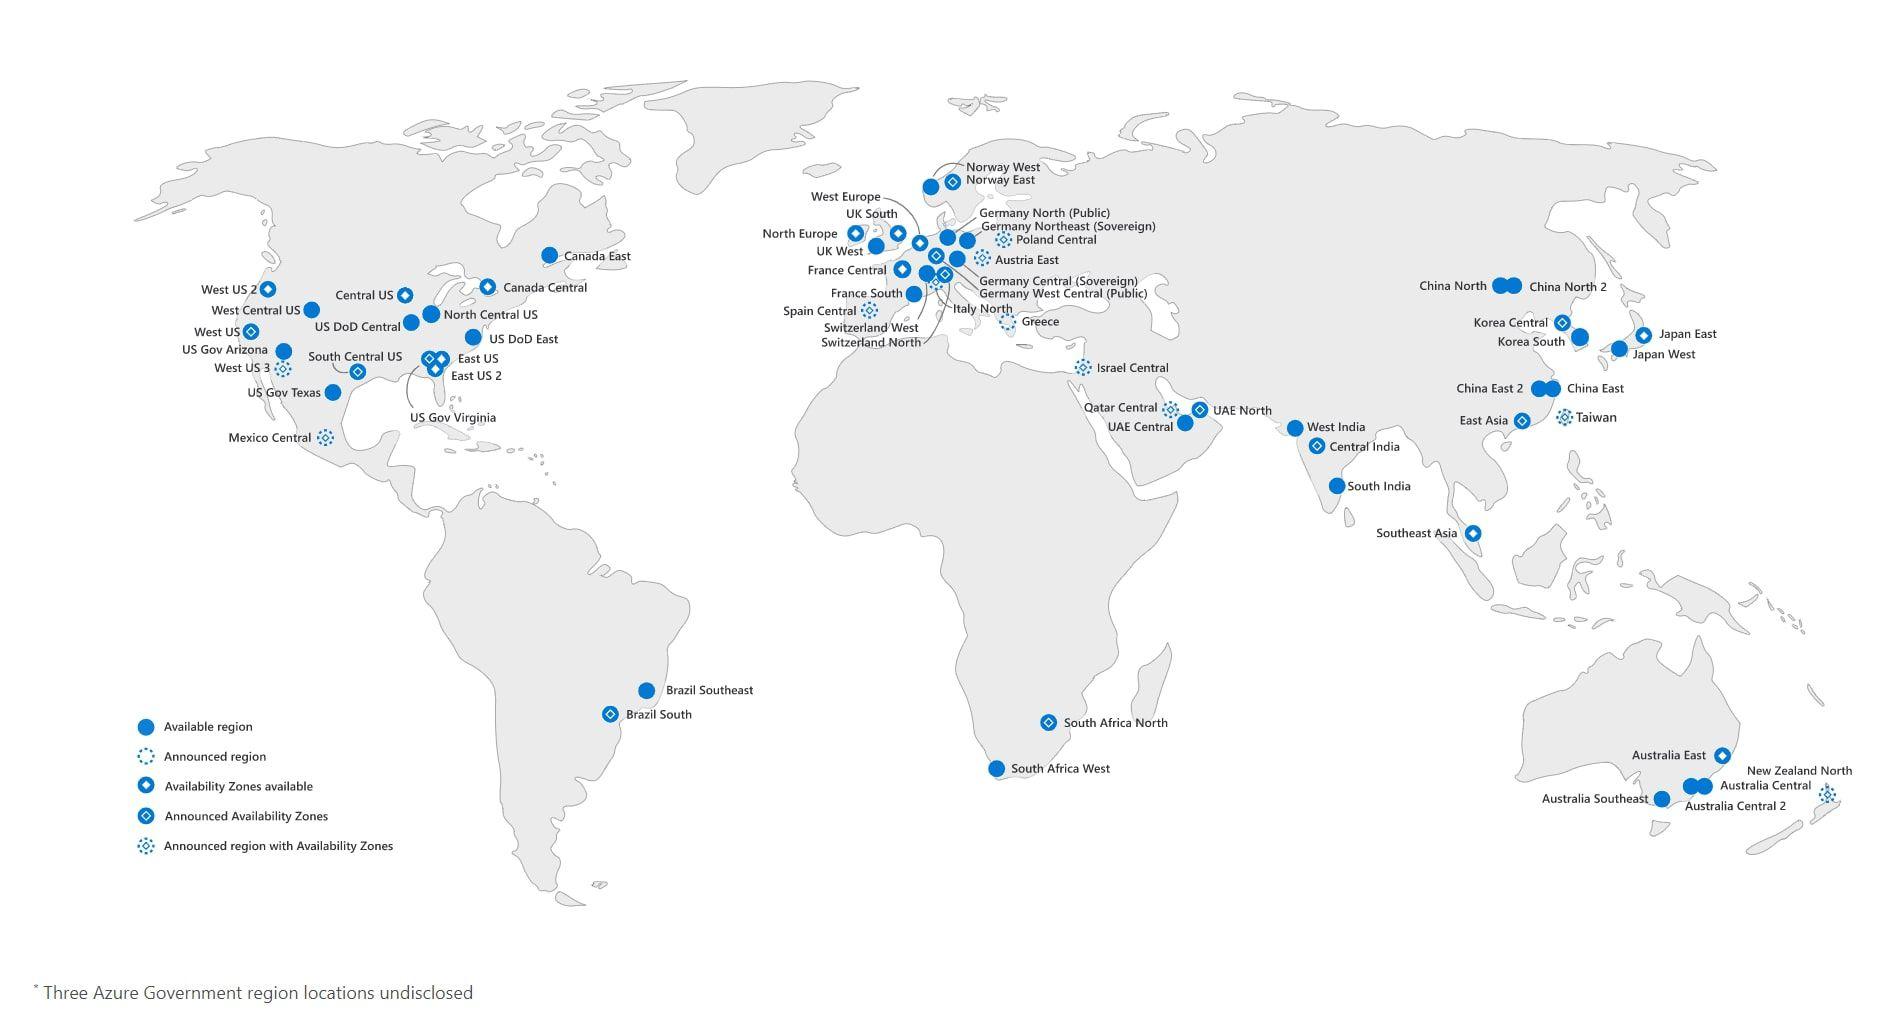 Répartition géographique des data centers de Microsoft azure